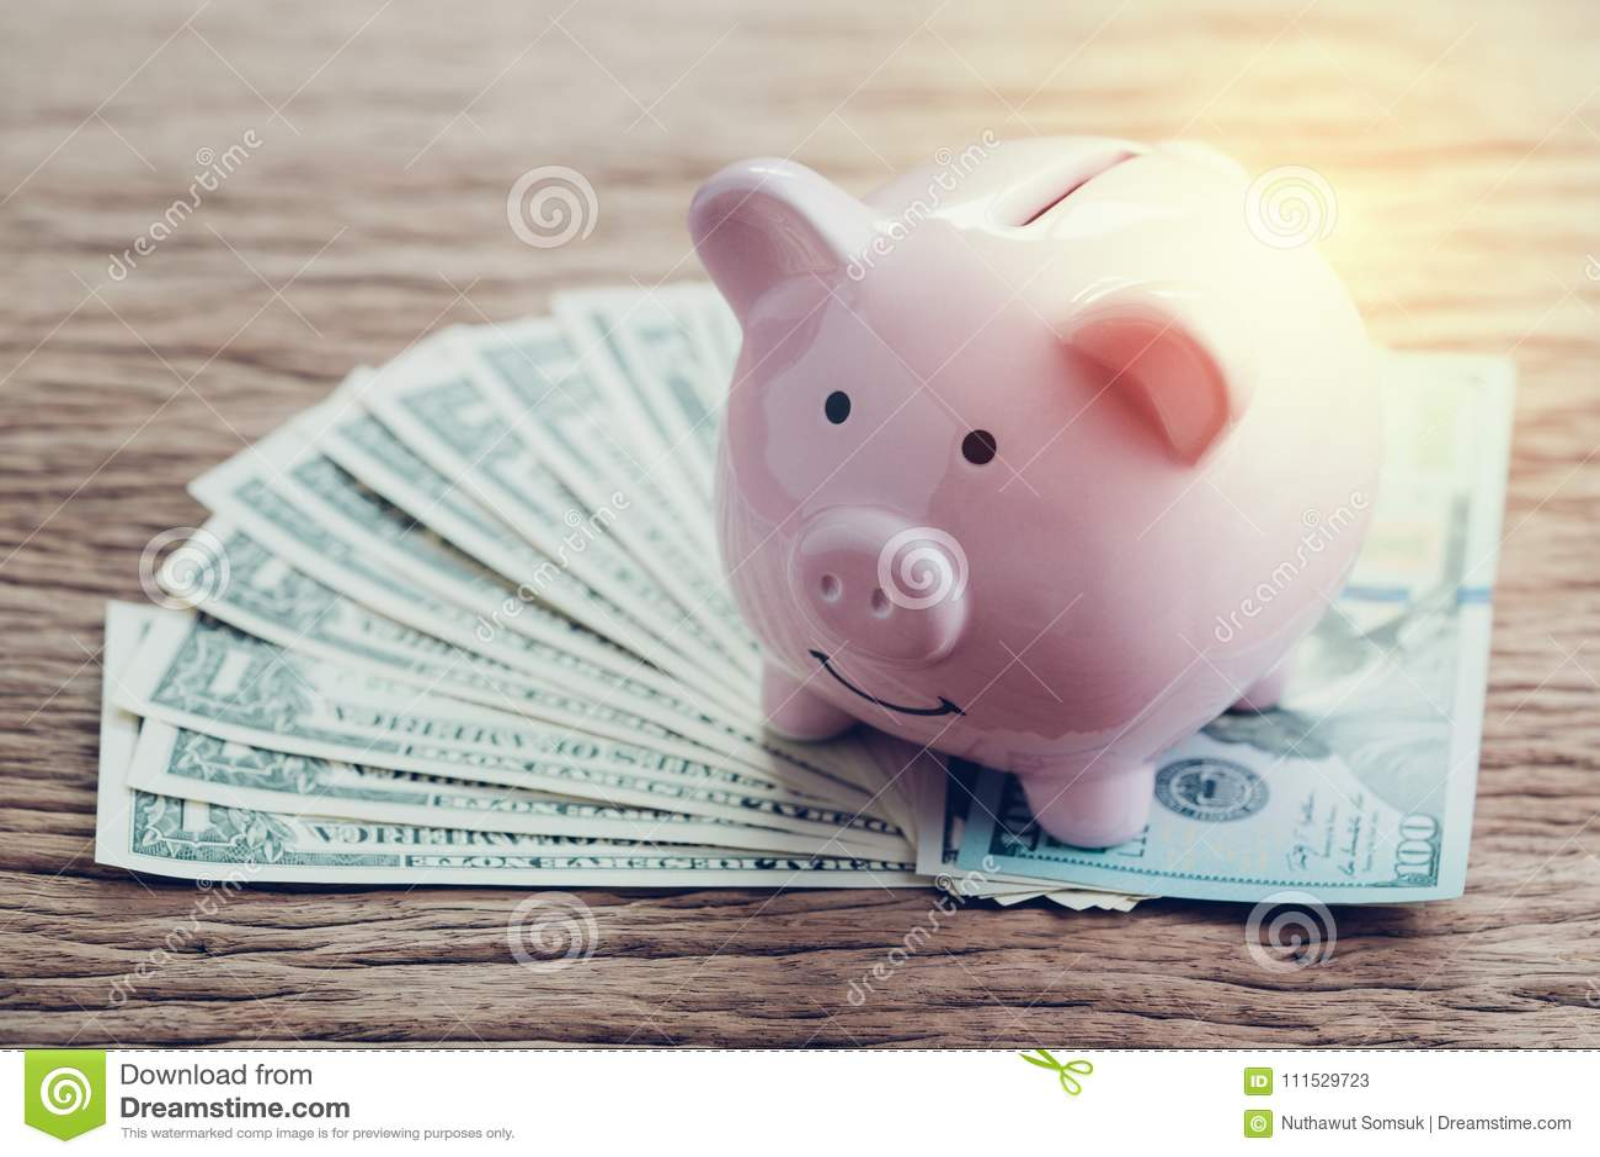 Finanzierung, Bankwesen, Einsparungsgeldkonto, rosa Sparschwein auf Stapel